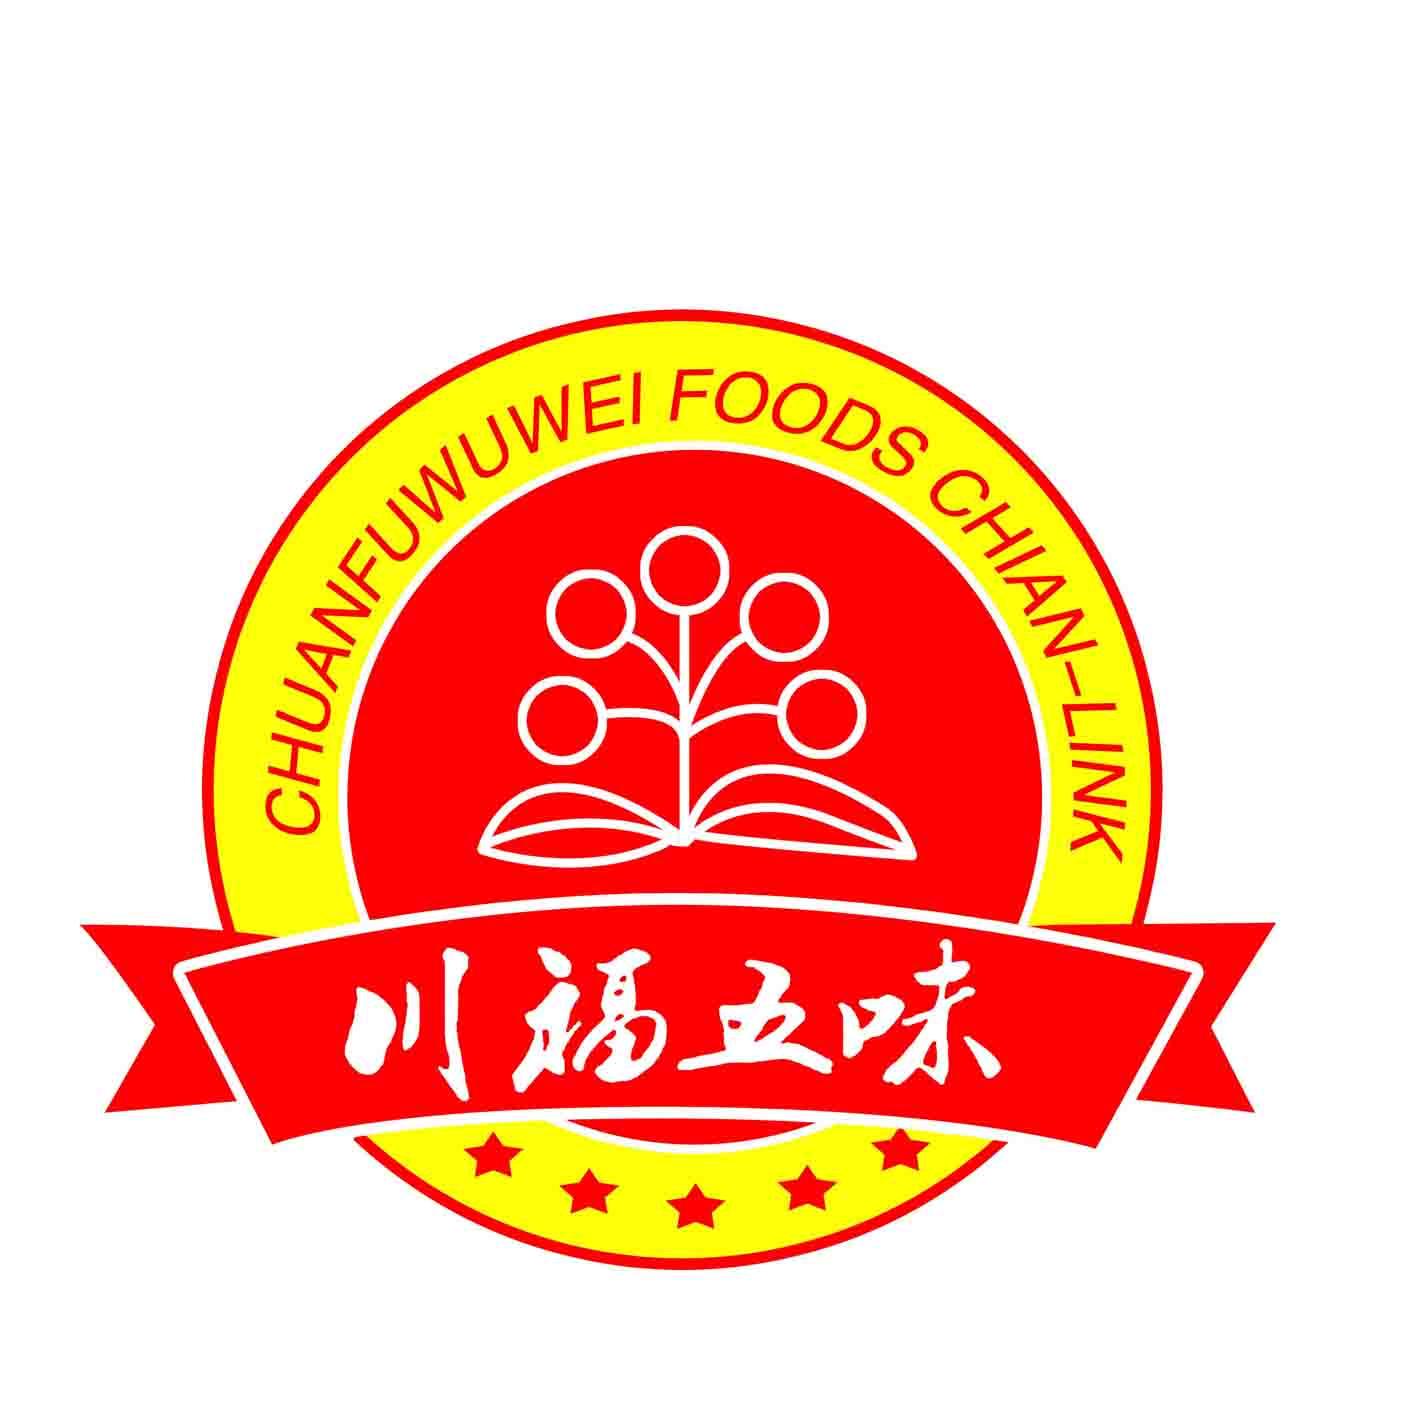 川福夫妻肺片百味鸡卤菜熟食火爆招商